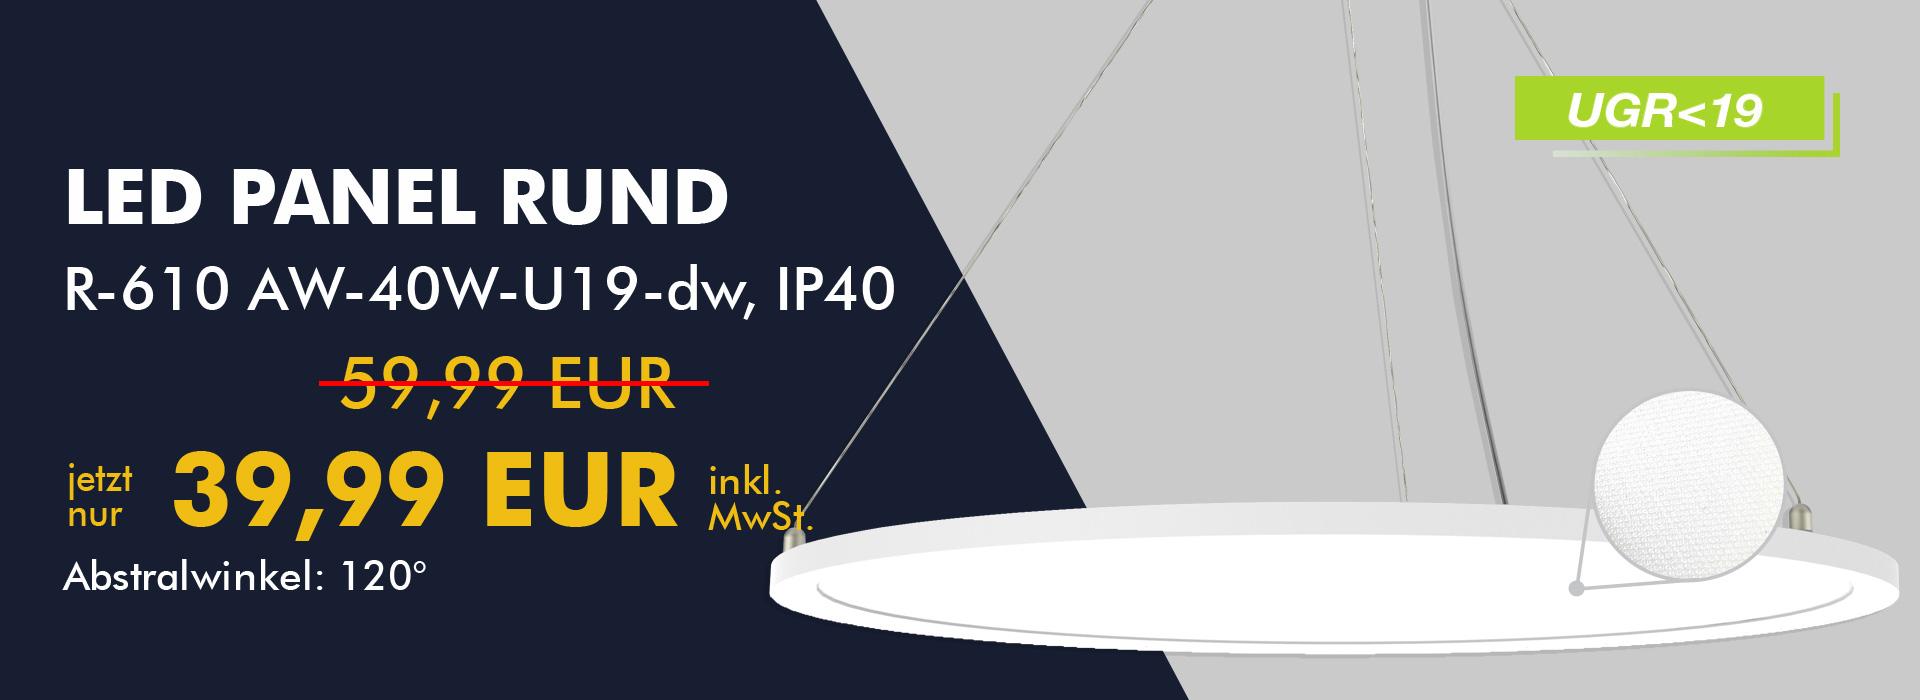 LED-Panel rund, inderekte & direkte Beleuchtung